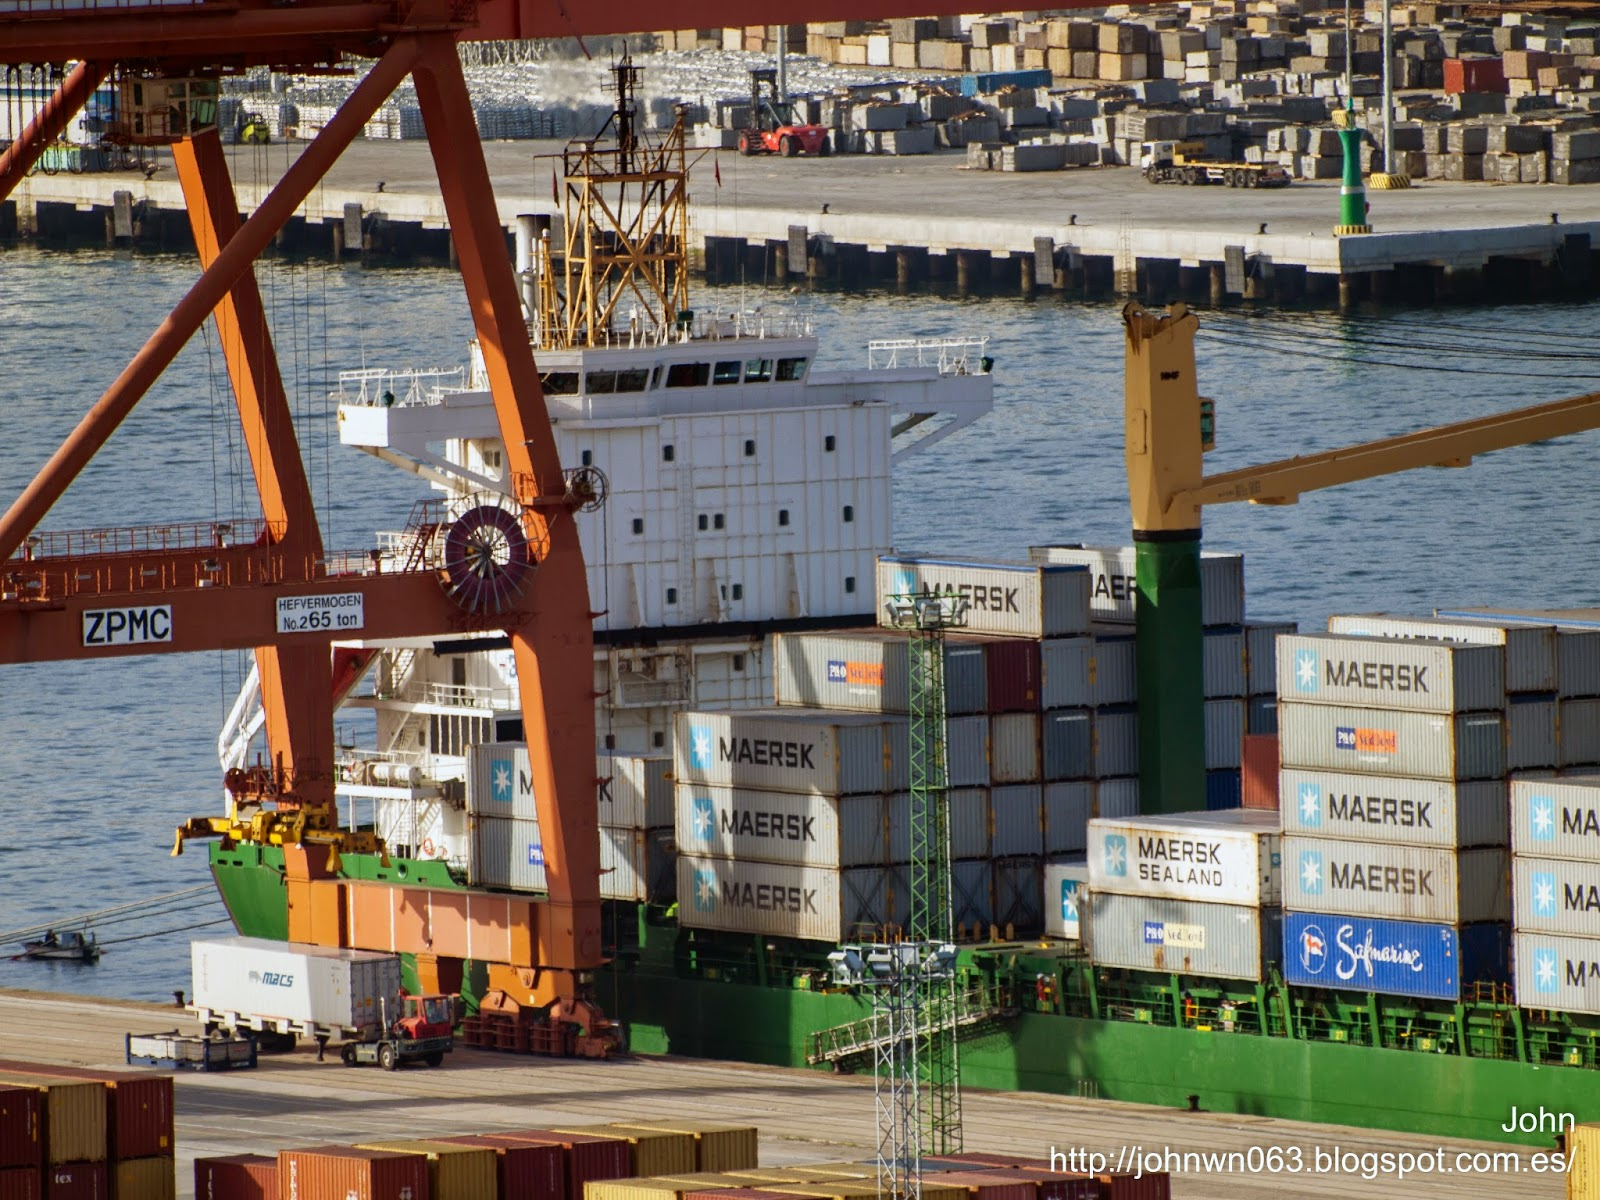 fotos de barcos, imagenes de barcos, container ship, buss reederei, ems trader, vigo